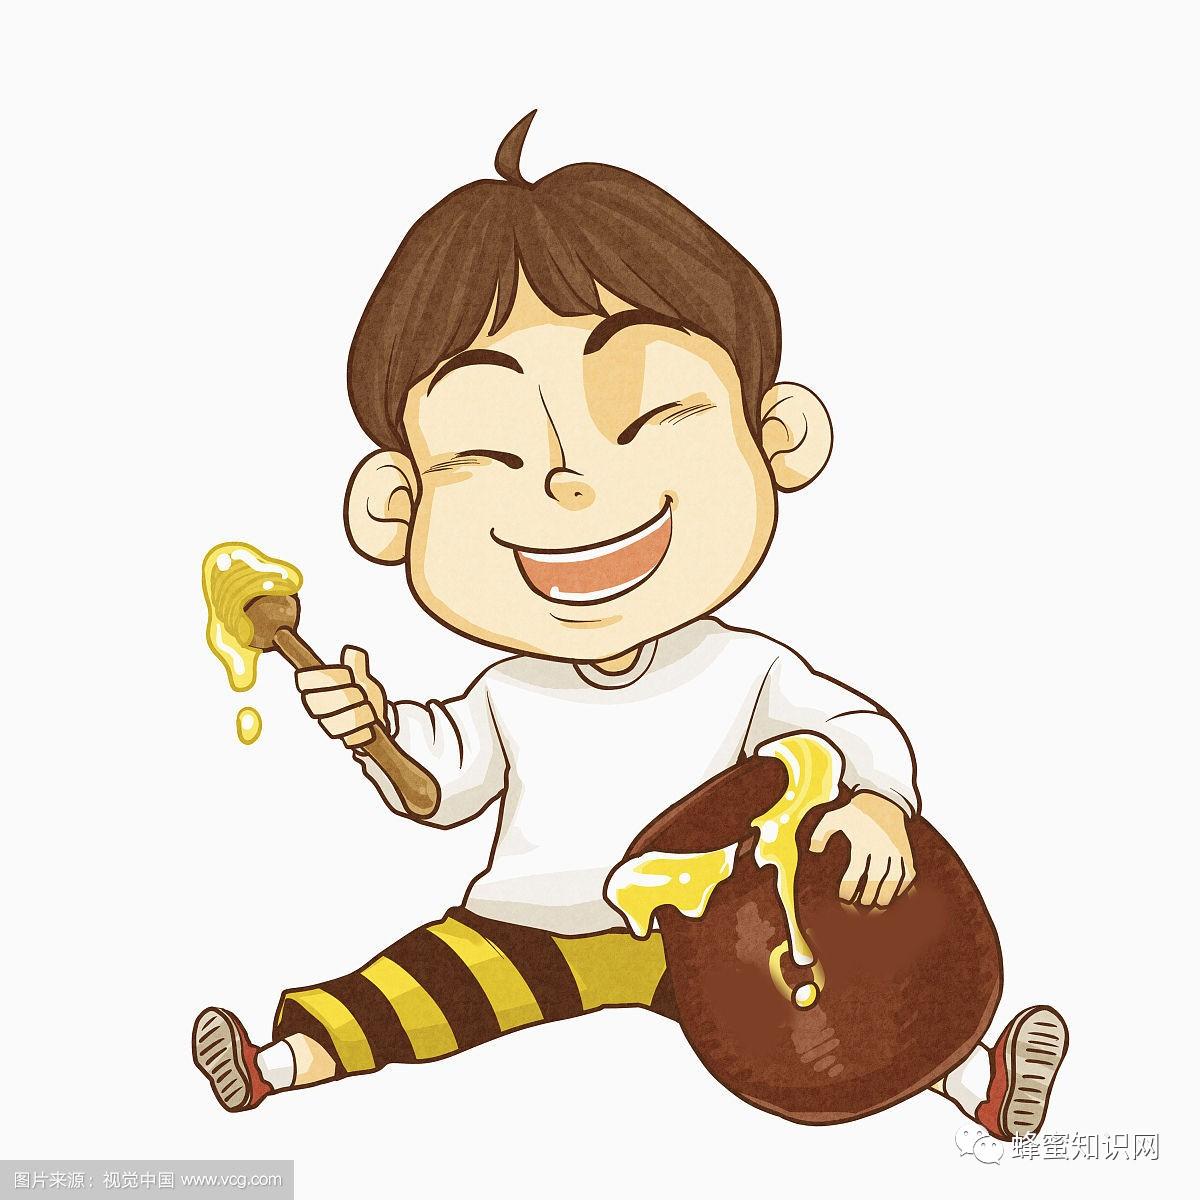 康维他蜂蜜的吃法 不透明的蜂蜜 北大荒蜂蜜 蜂蜜橘子水 蜂蜜手工皂的做法